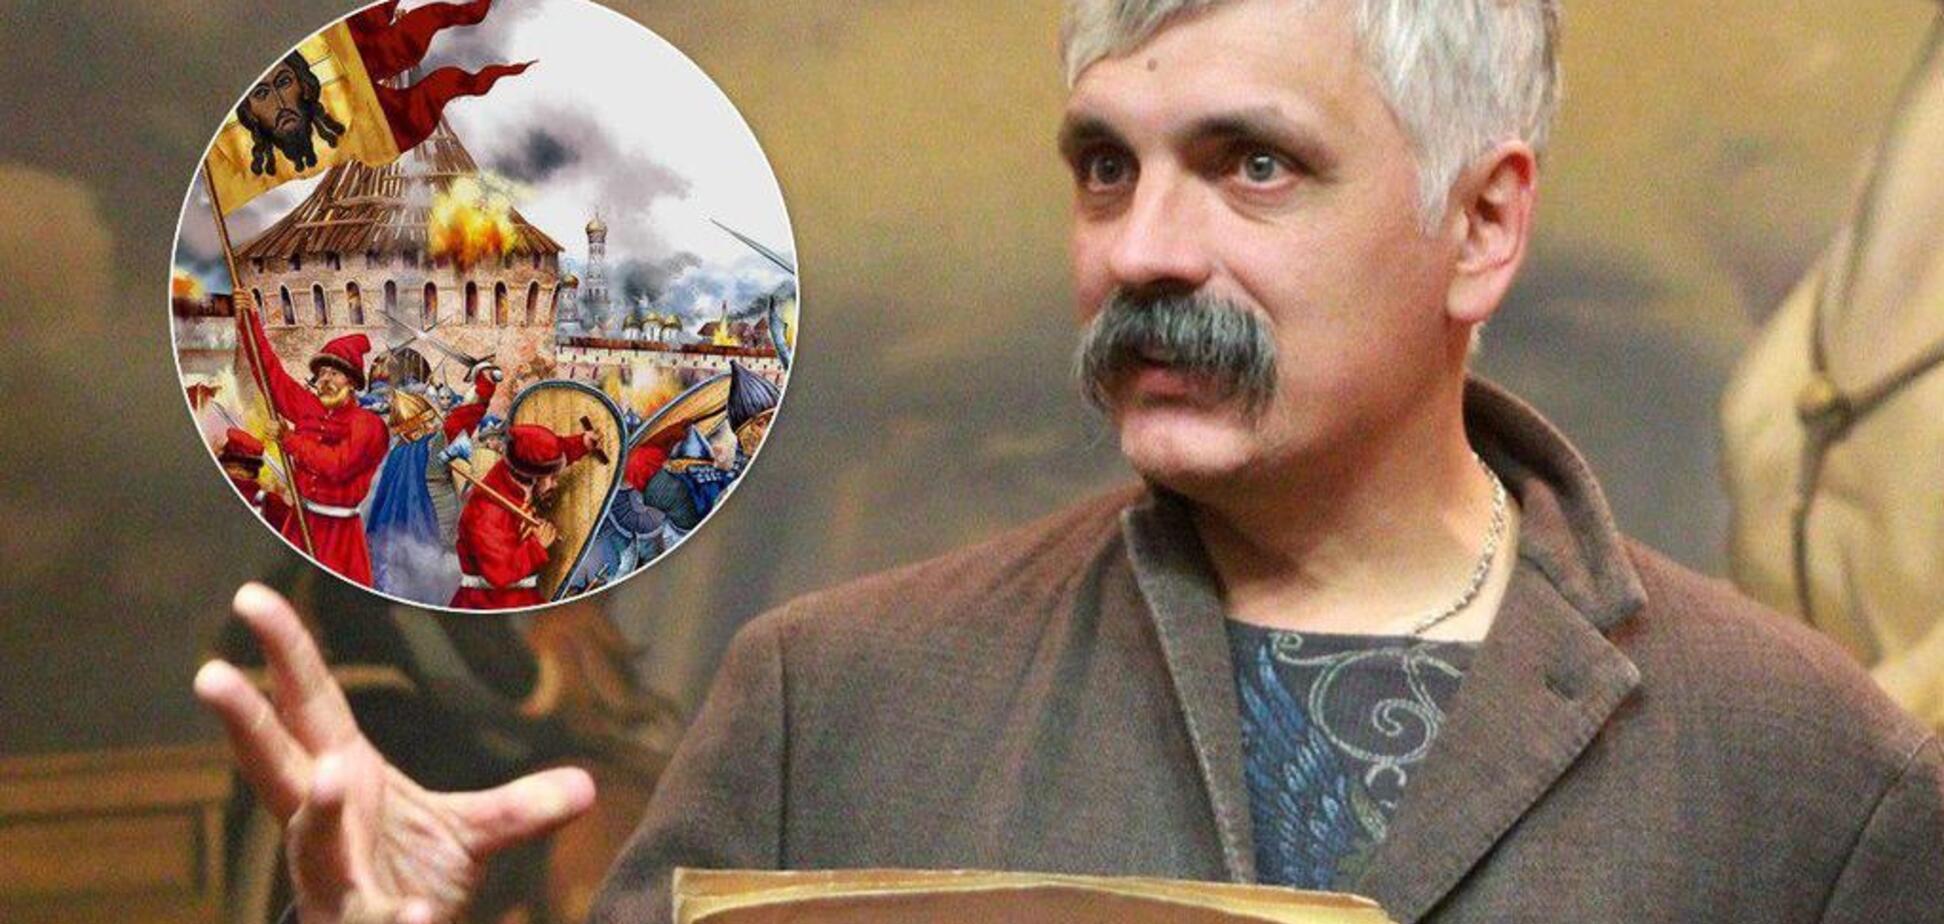 Корчинский призвал устроить в Москве 'благодатную смуту'